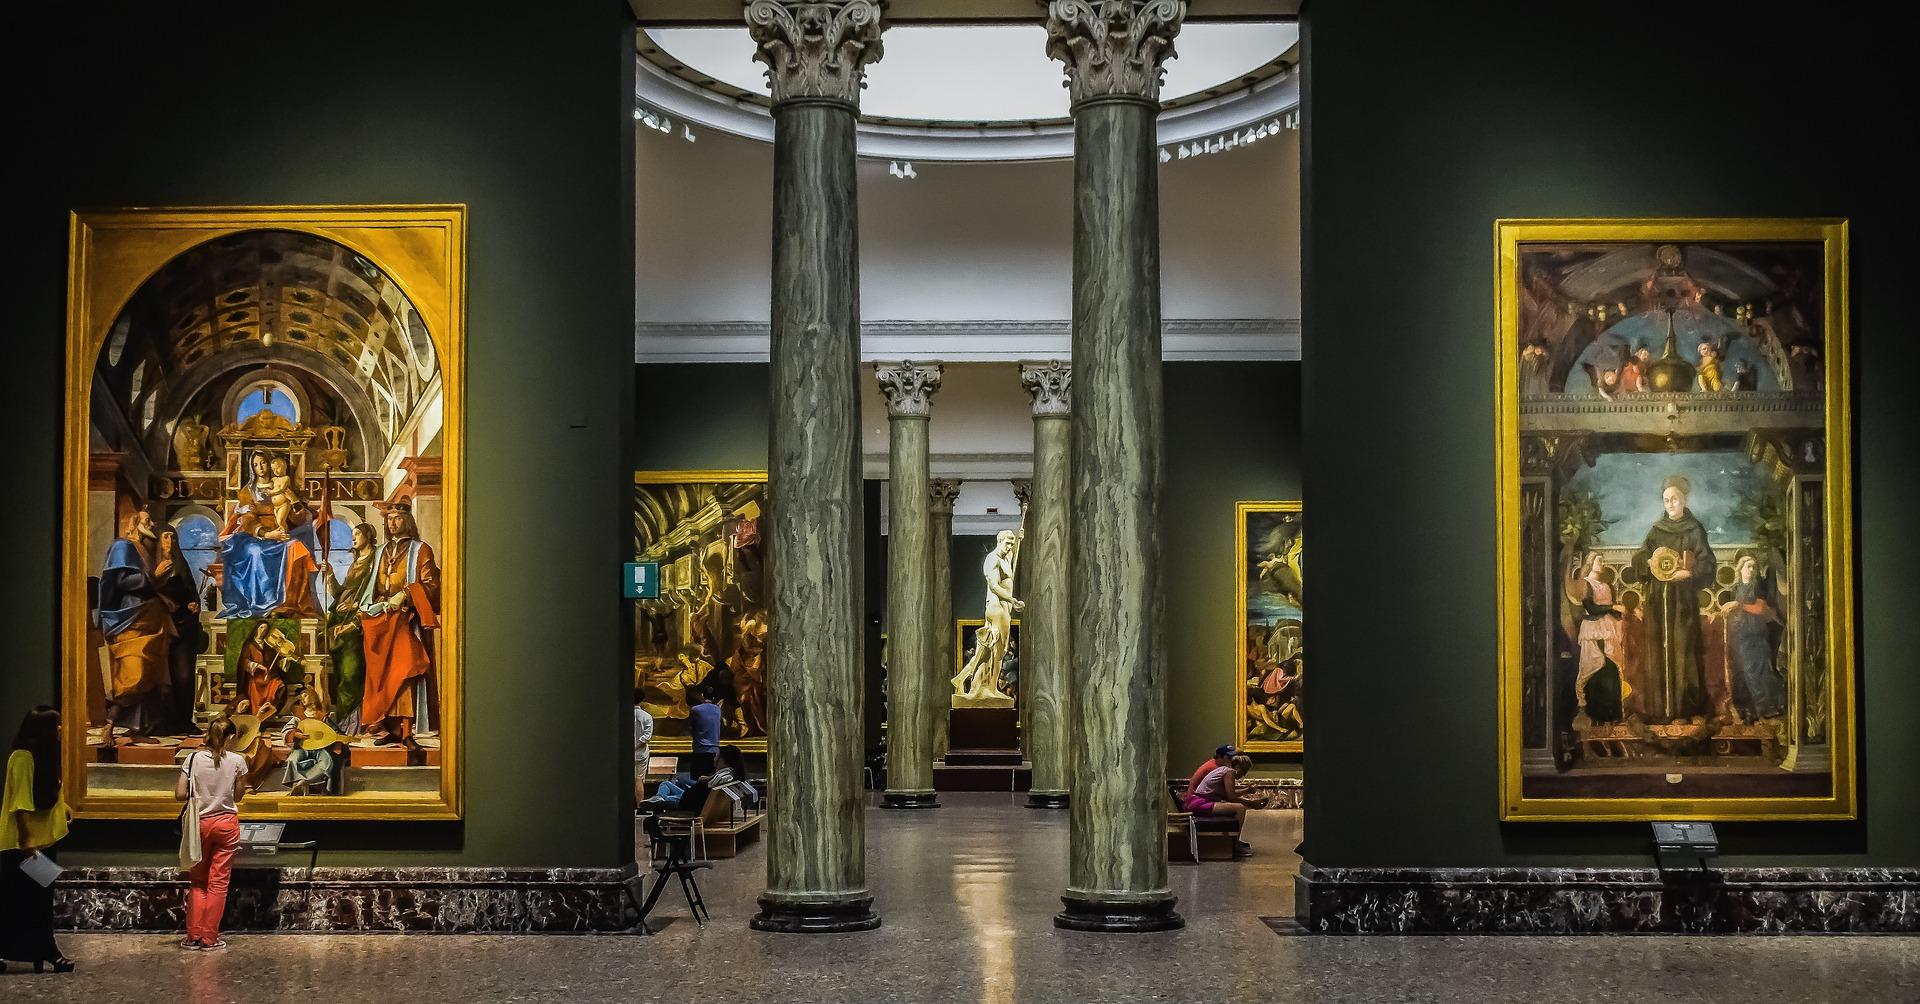 pinacoteca di brera 3529230 1920